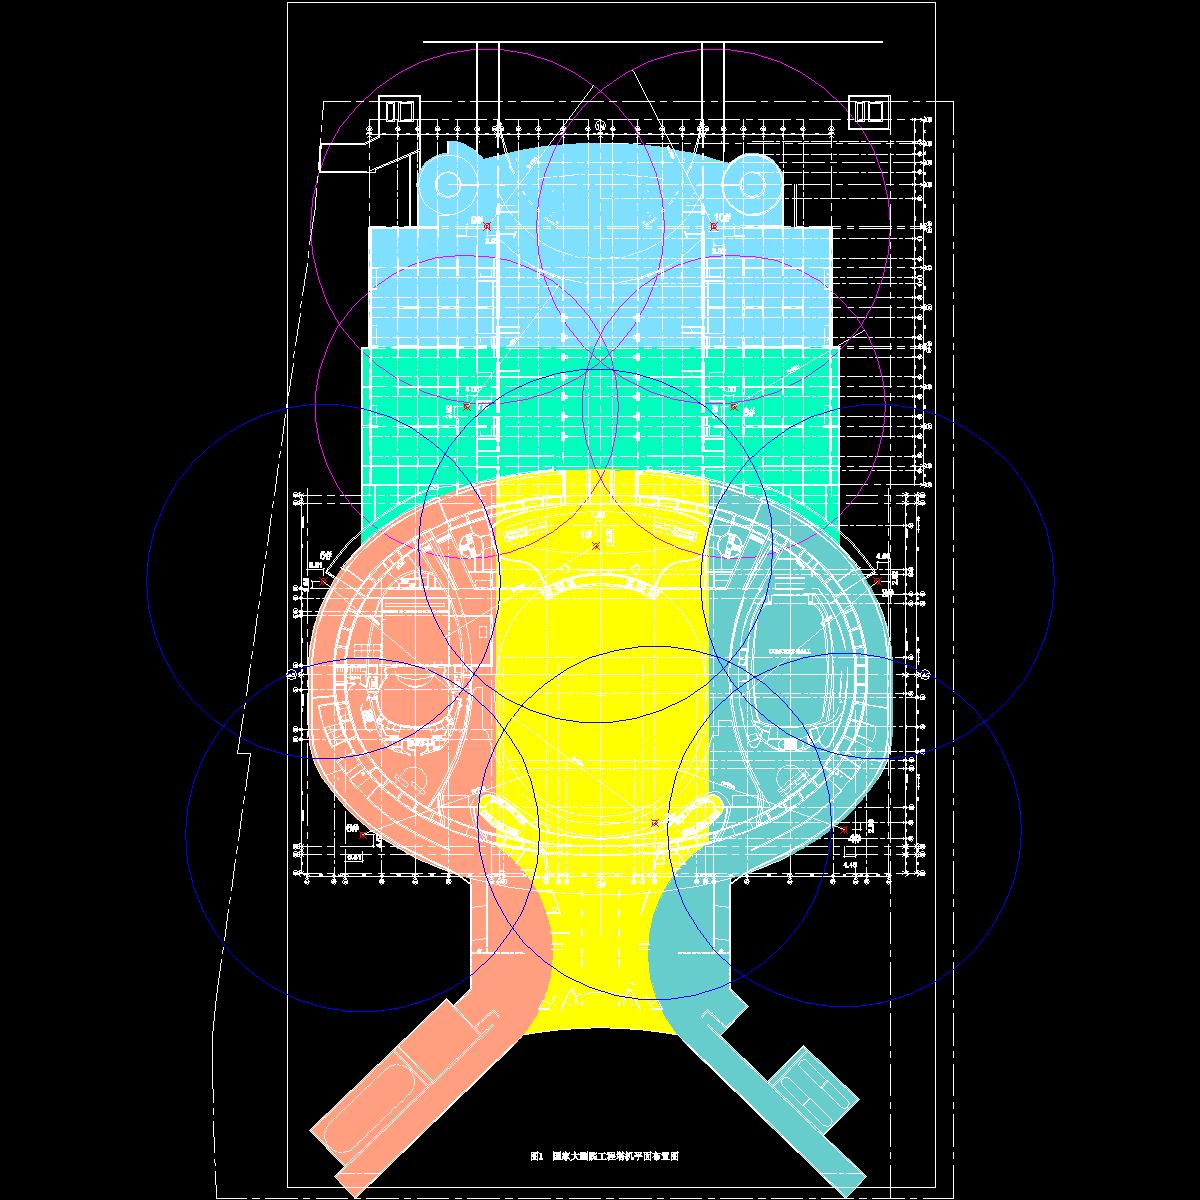 塔吊平面布置图20010905.dwg